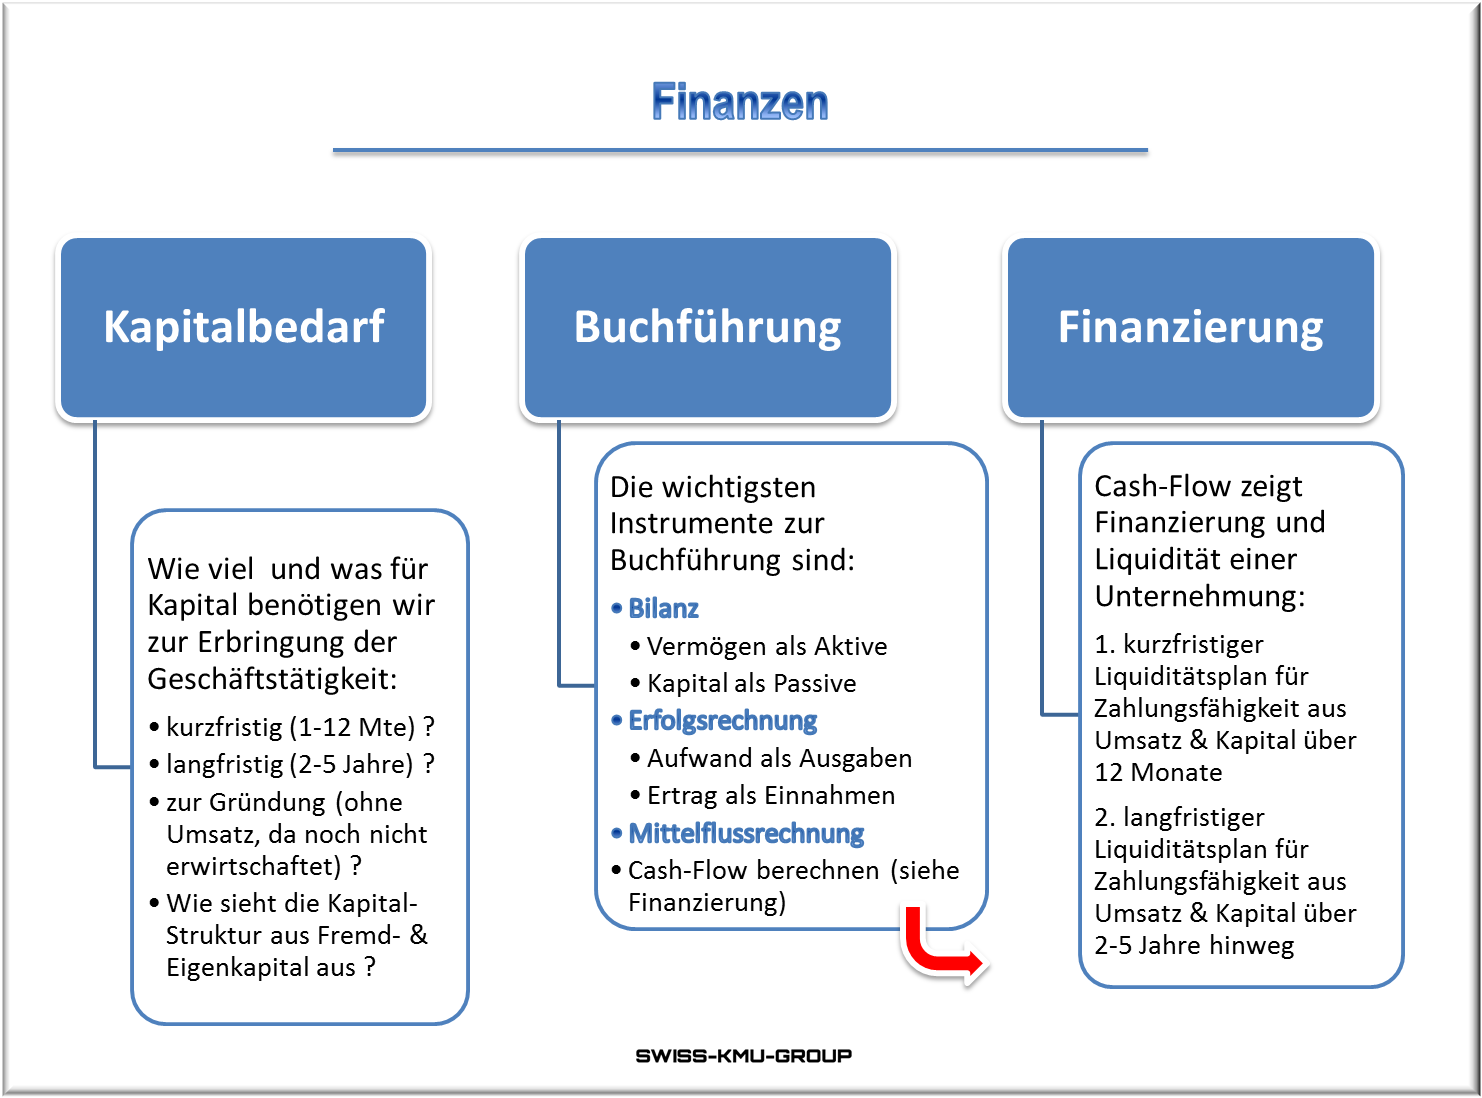 Businessplan Online Ch Finanzen Finanzen Businessplan Unternehmungen